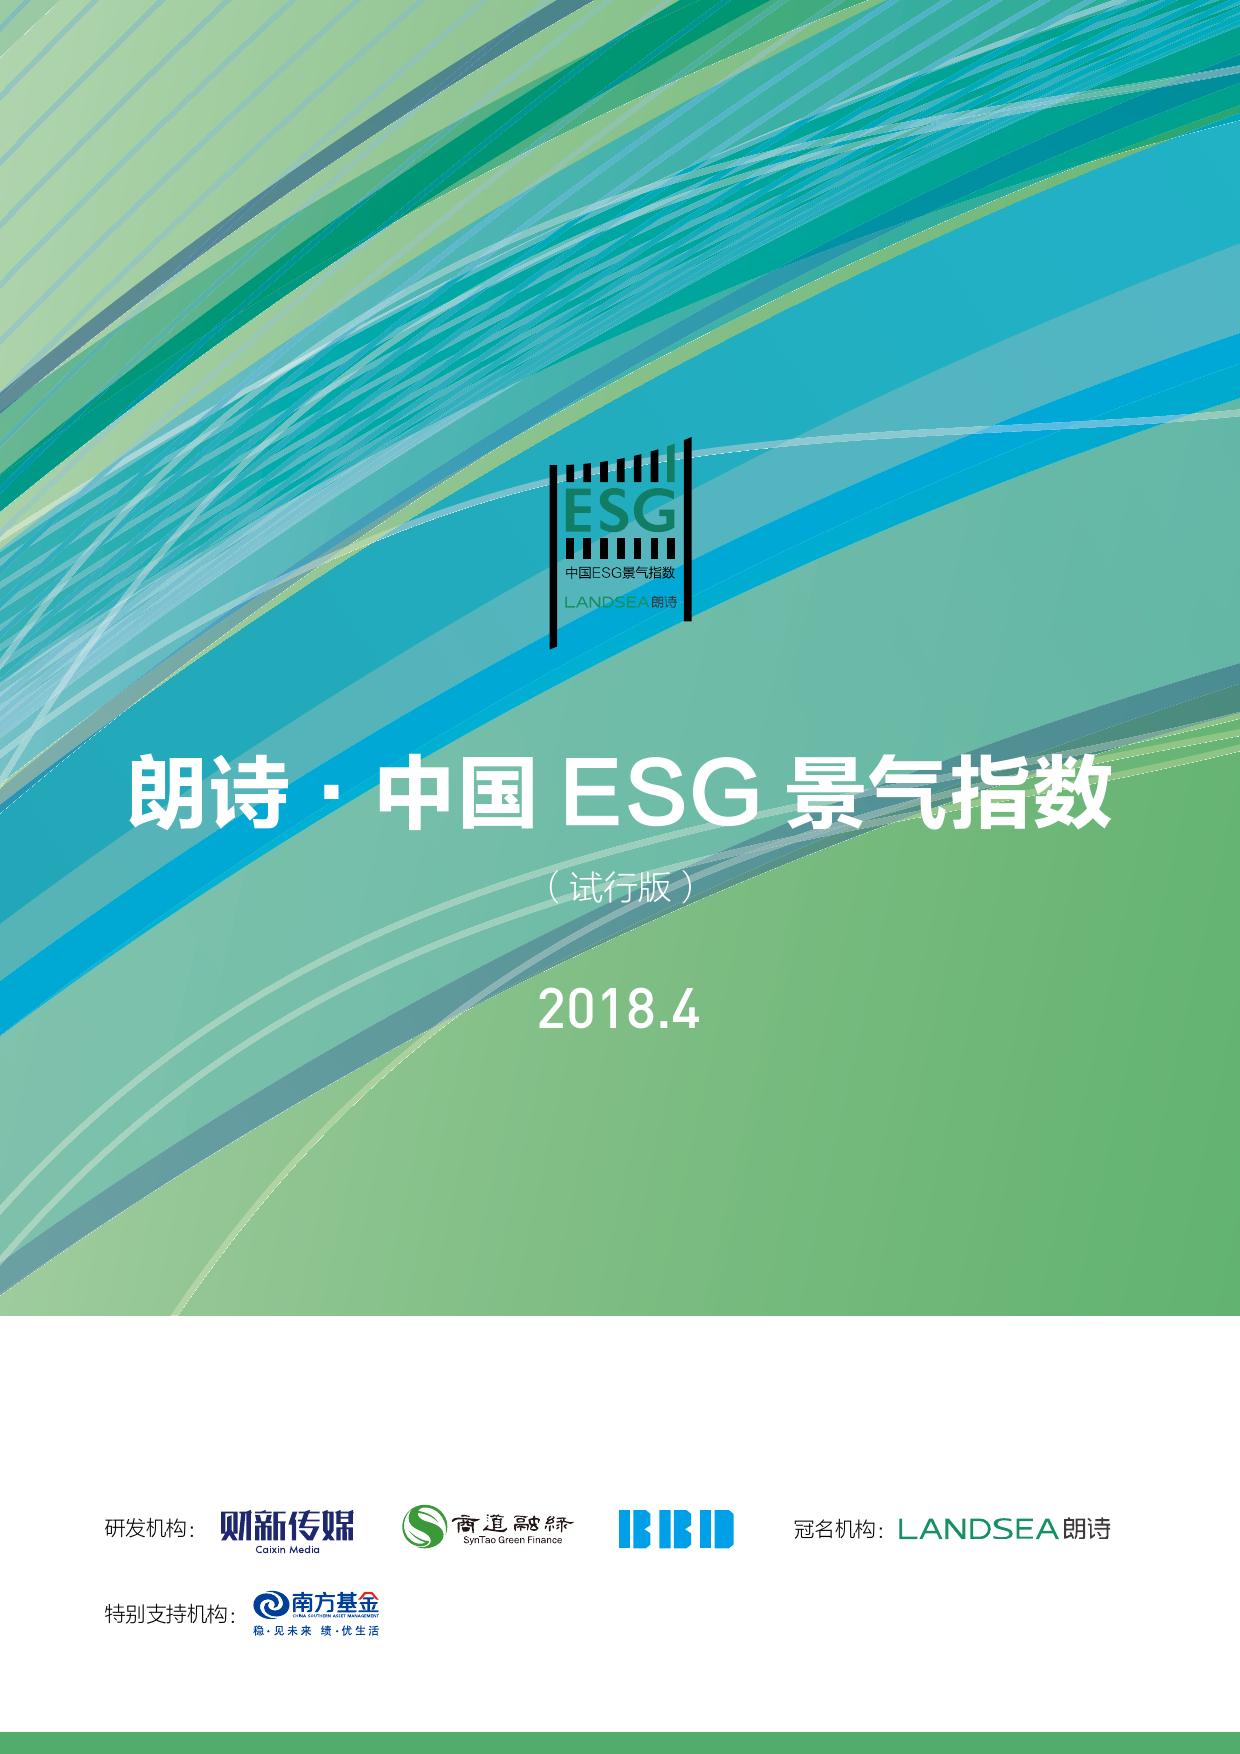 财新传媒:2018年4月中国ESG景气总体指数(附下载)